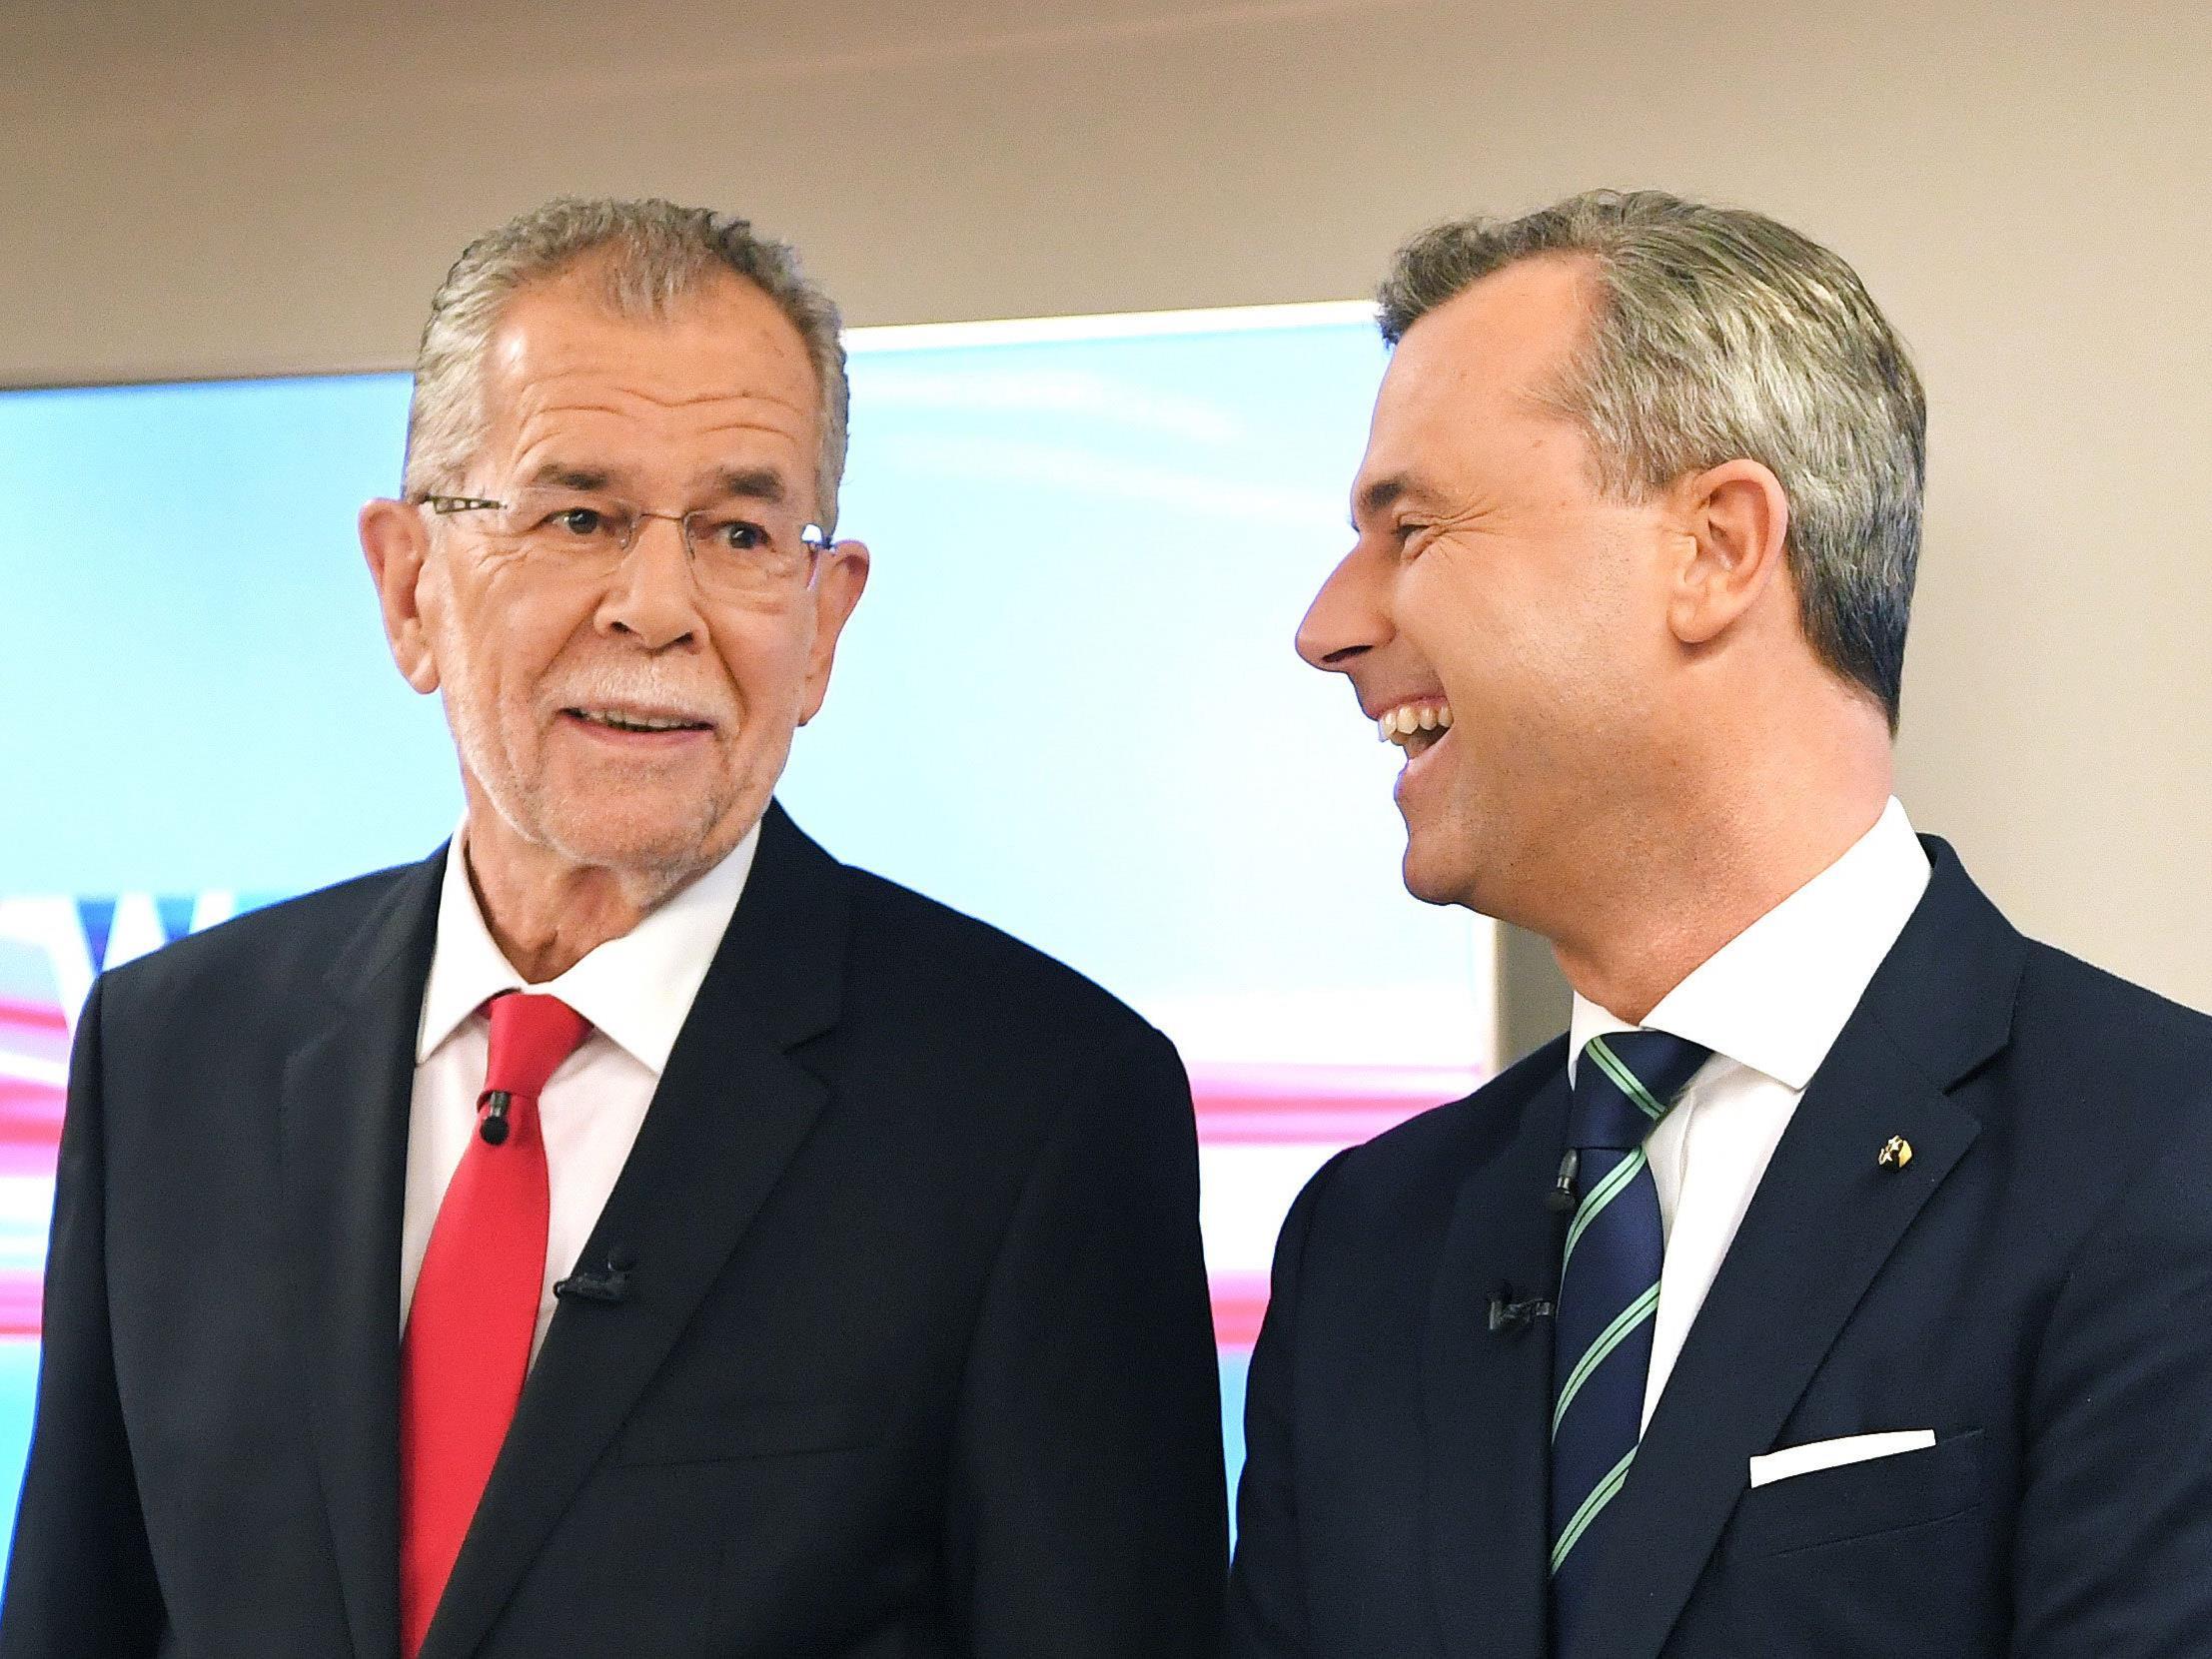 Die Bundespräsidentschaftskandidaten Alexander Van der Bellen (l.) und Norbert Hofer